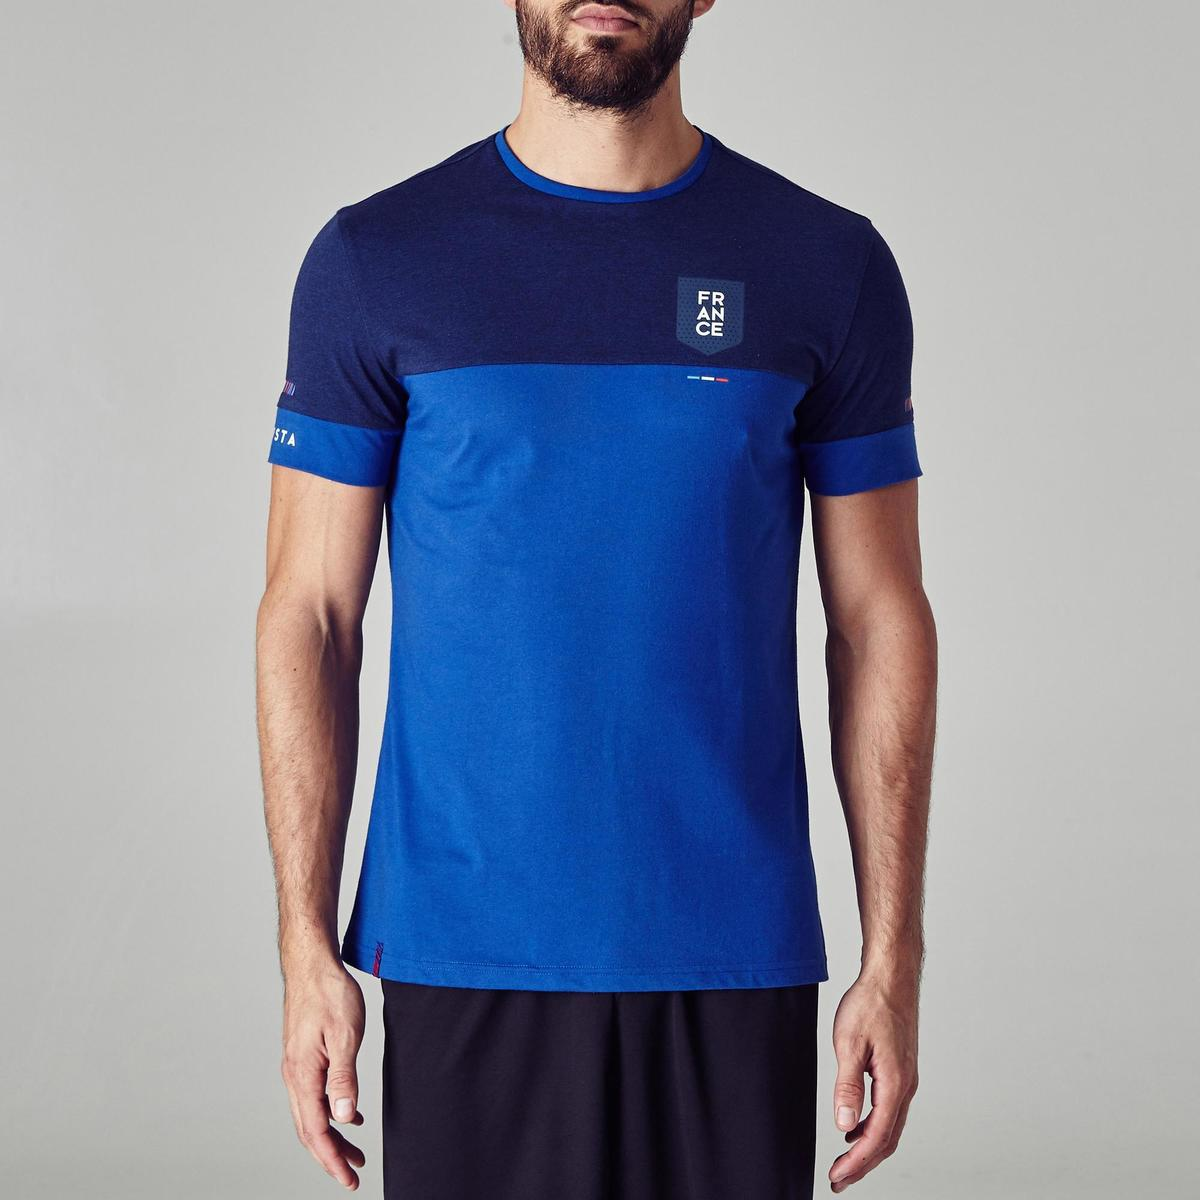 Bild 2 von Fußballshirt FF100 Frankreich Erwachsene blau